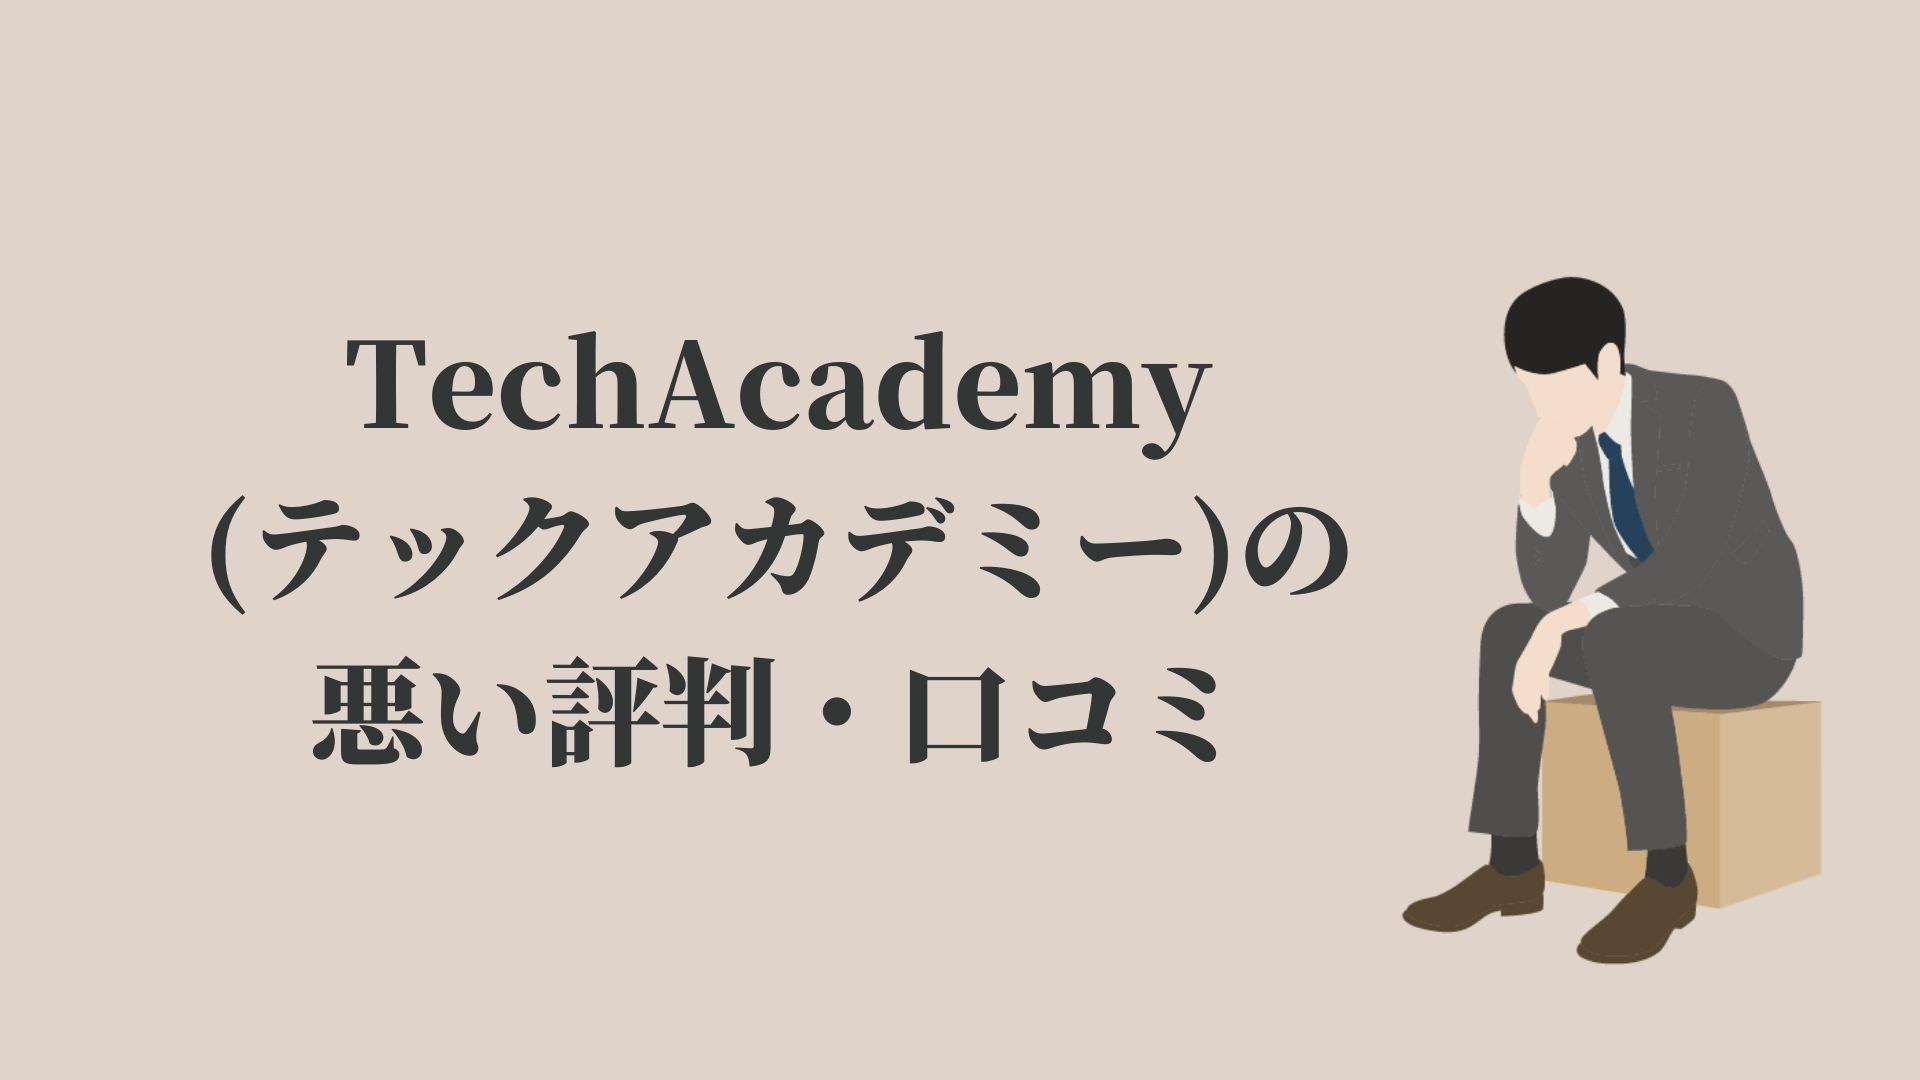 TechAcademy(テックアカデミー)の悪い評判・口コミ